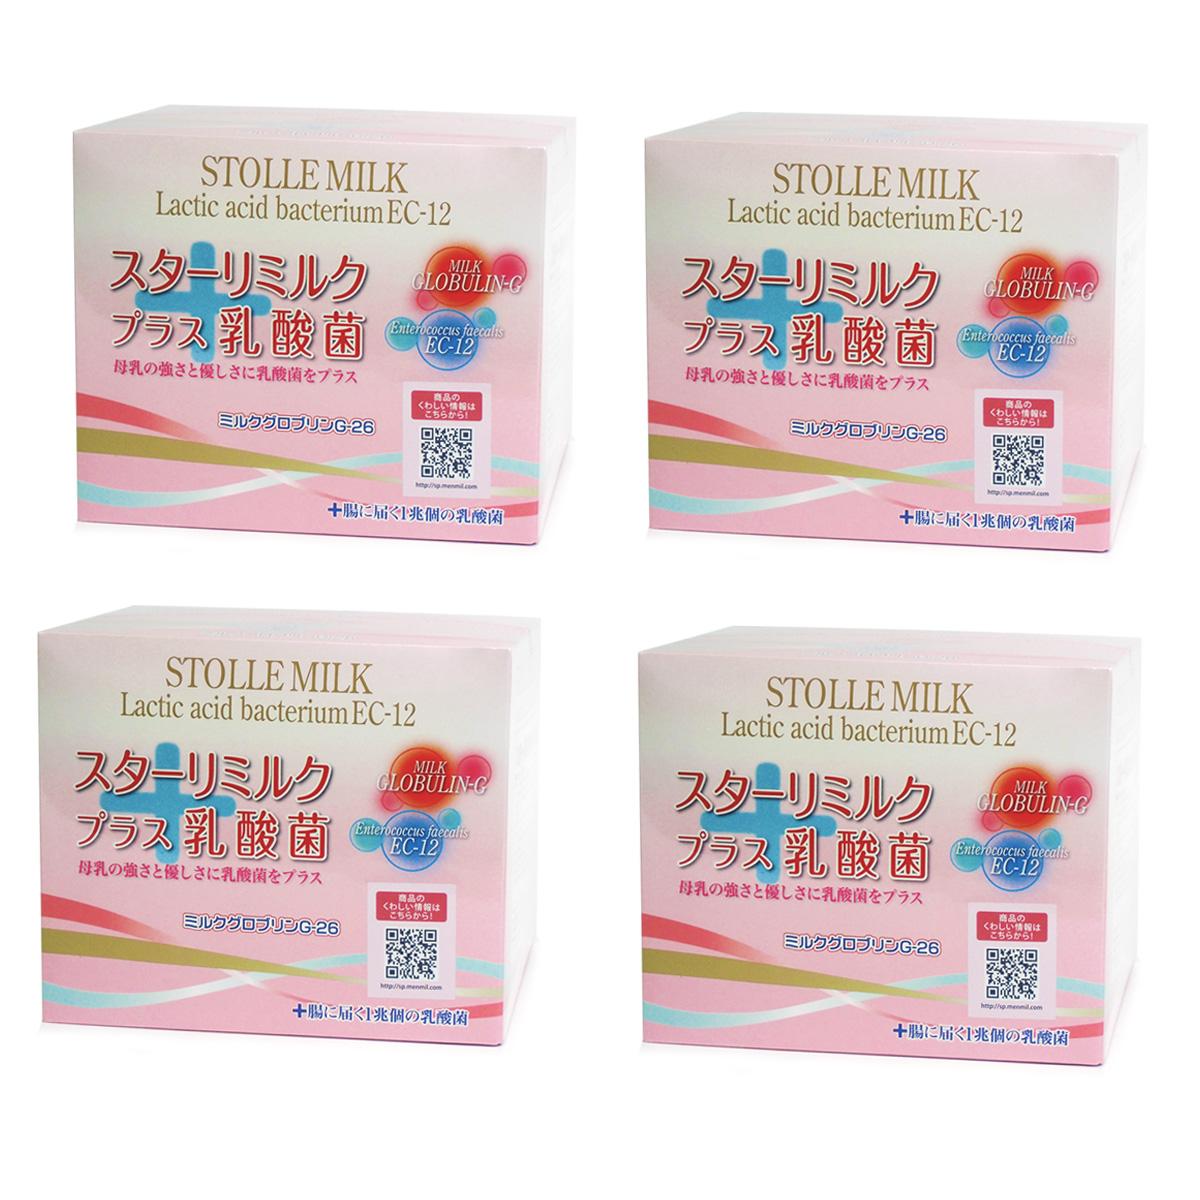 【送料無料】スターリミルク プラス 乳酸菌(20g×30袋) お得な4箱まとめ買い